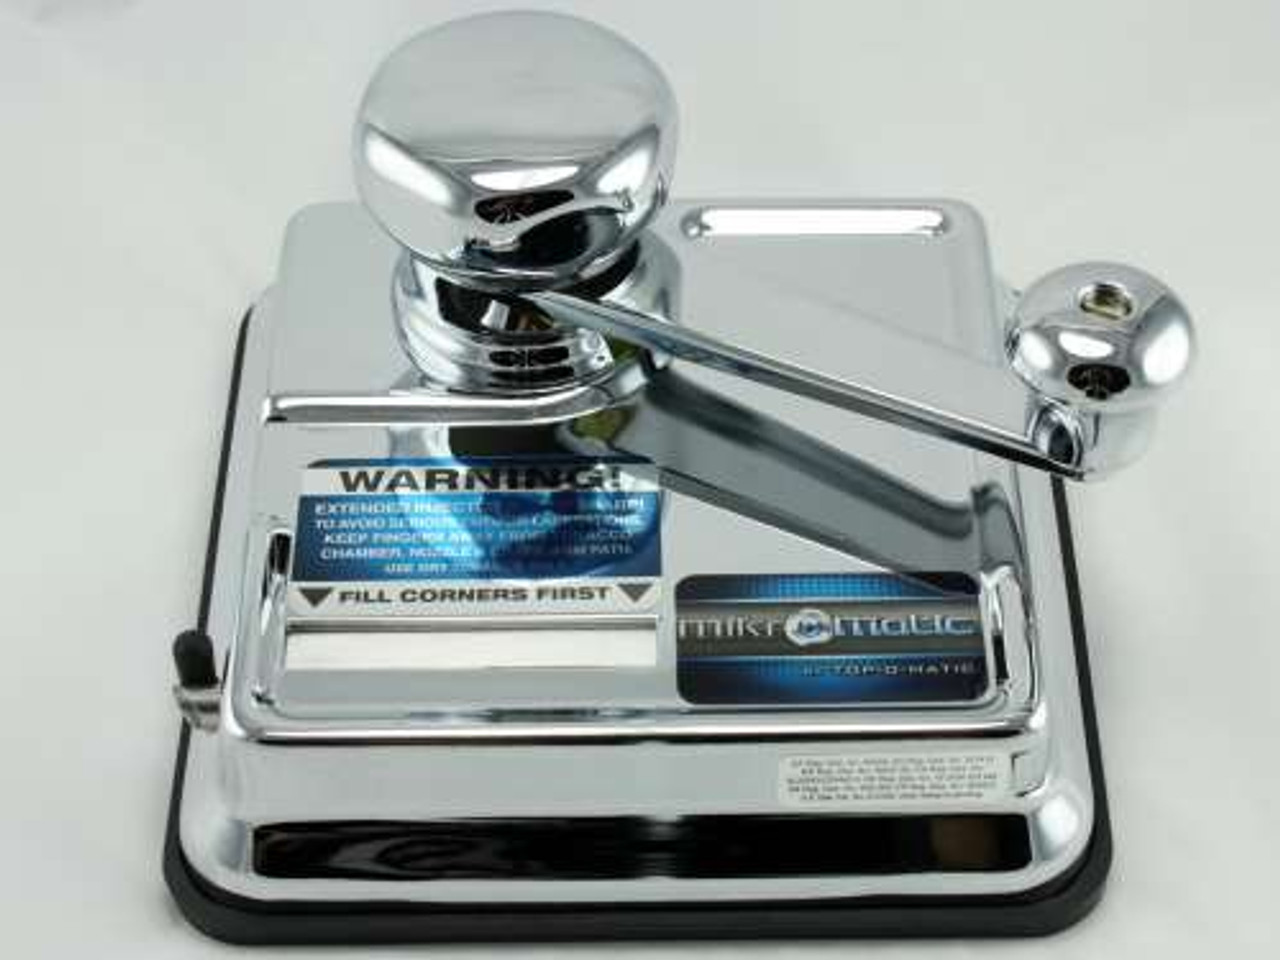 MikrOmatic Cigarette Rolling Machine